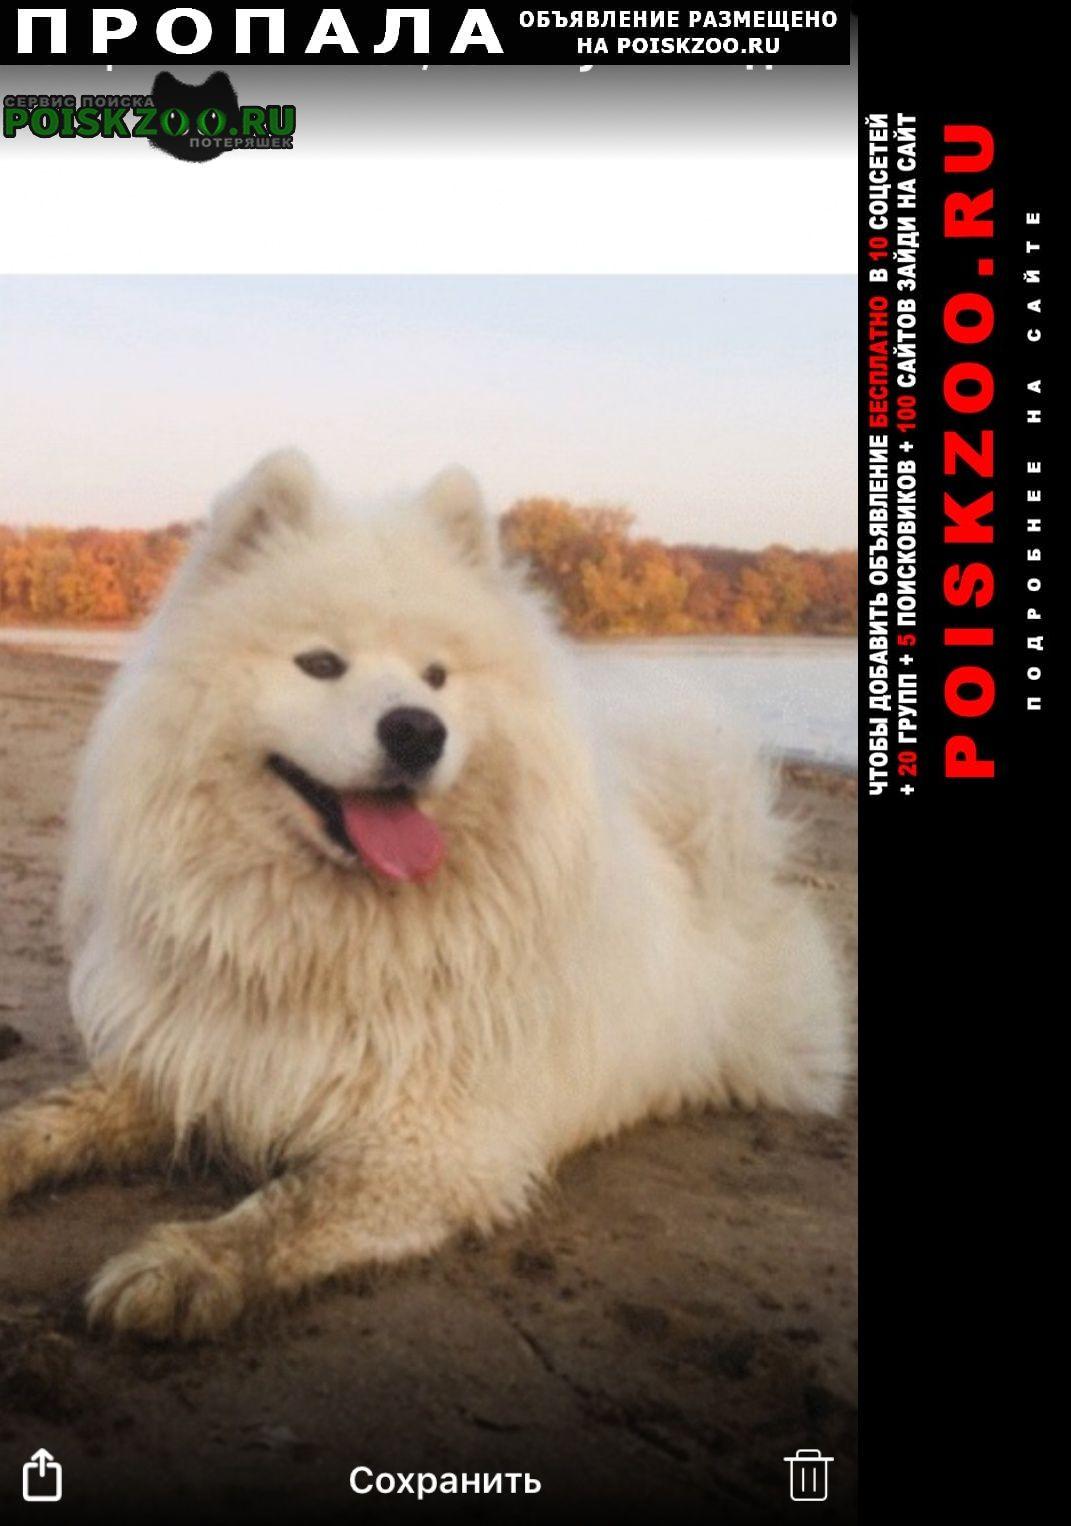 Пропала собака Димитровград